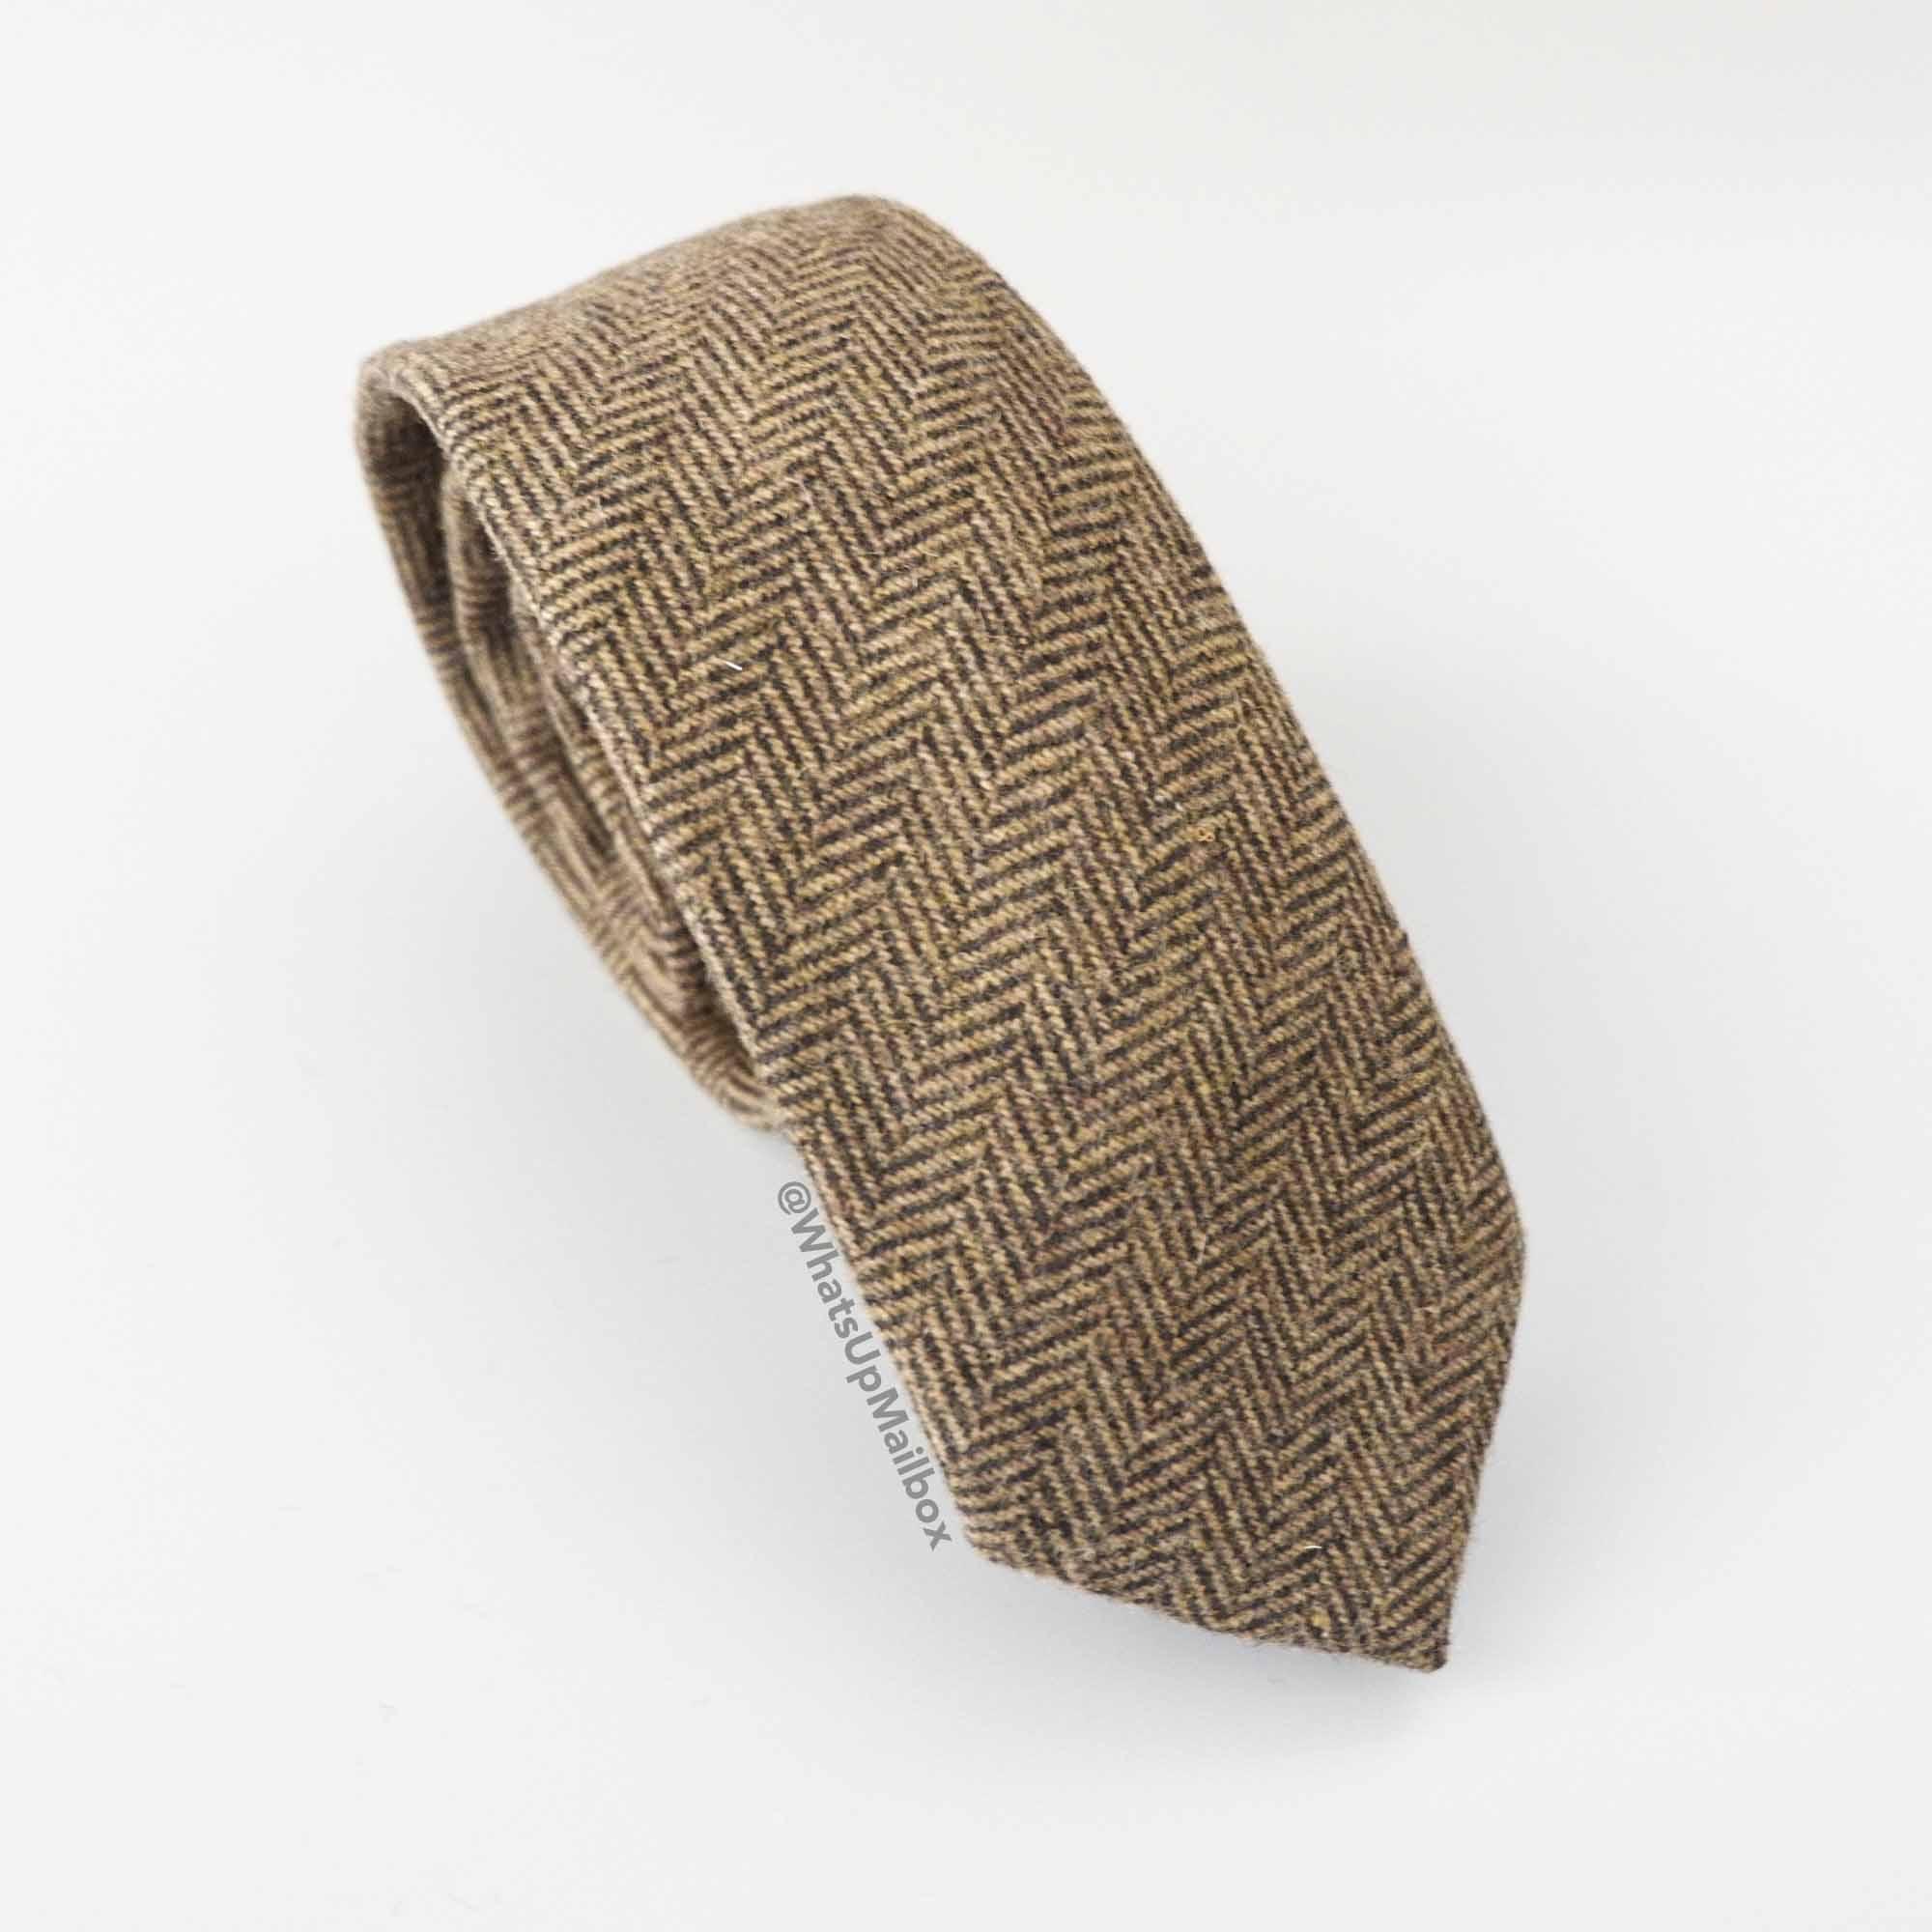 Twillory Neck Tie